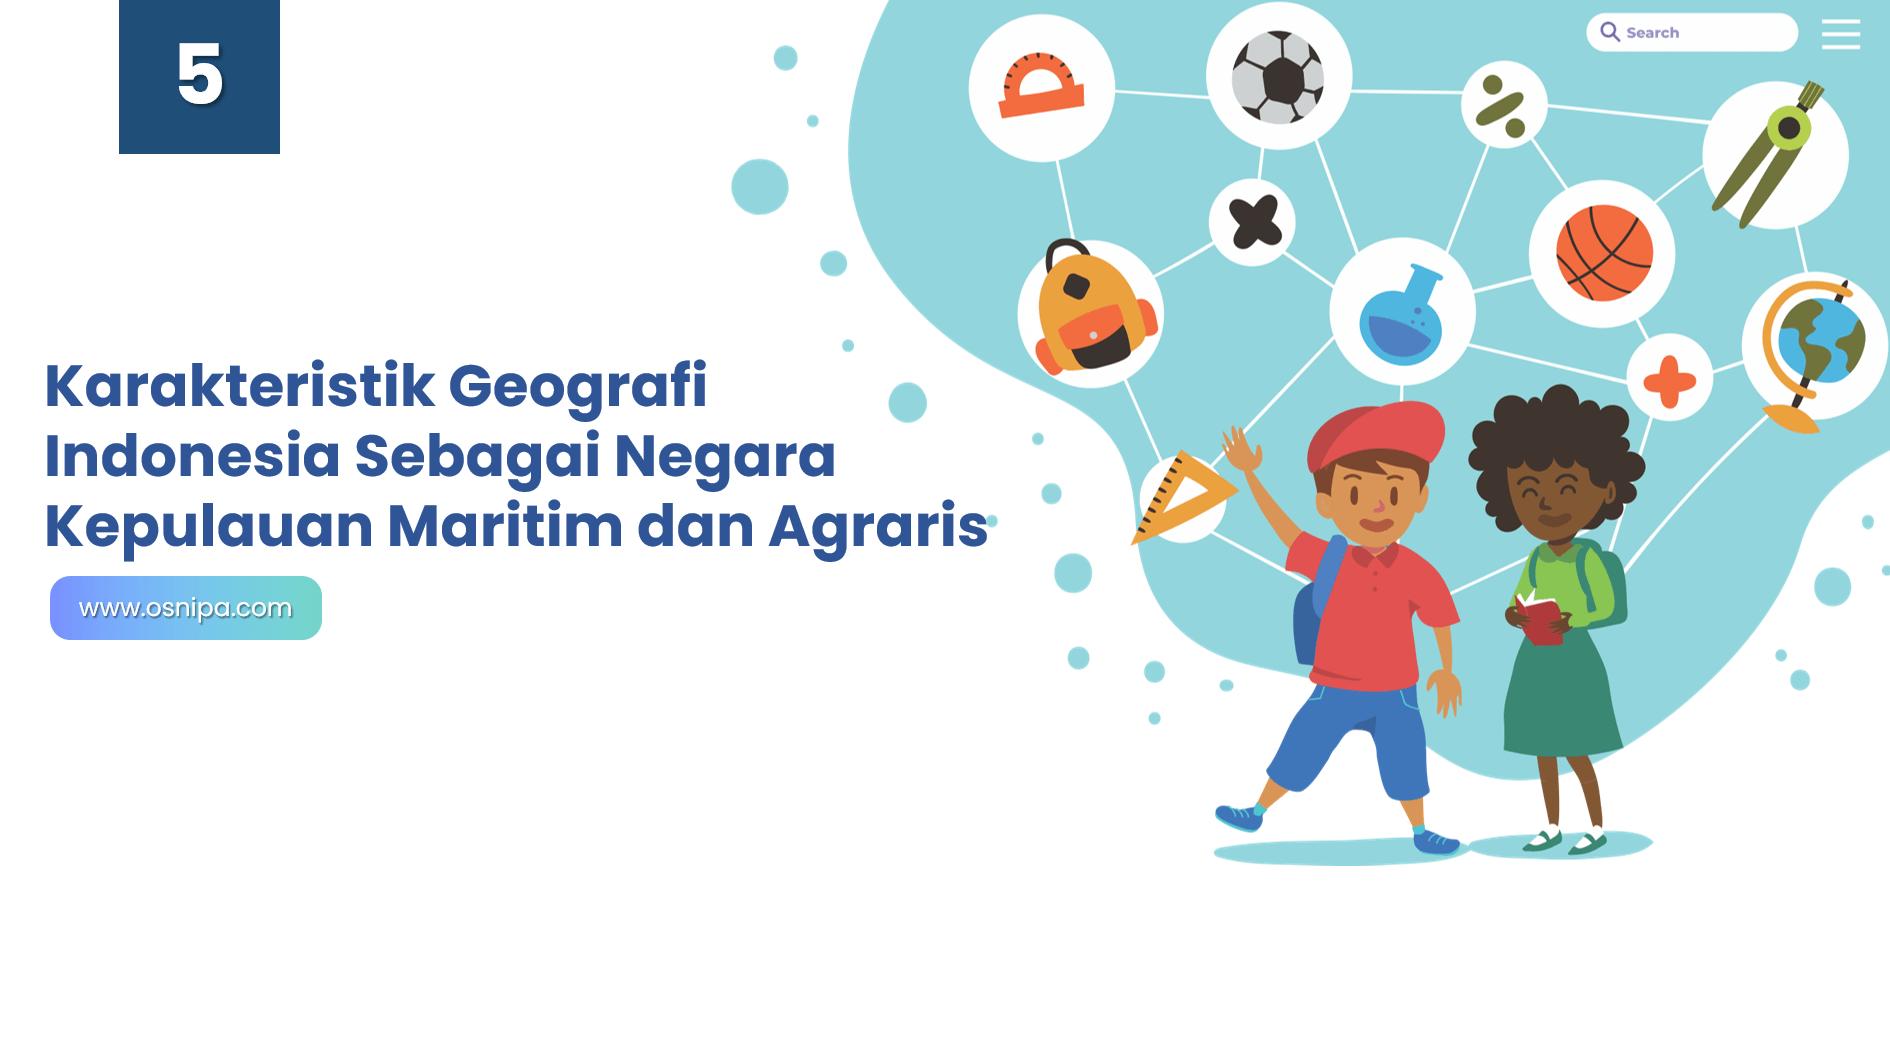 Karakteristik Geografi Indonesia Sebagai Negara Kepulauan Maritim dan Agraris